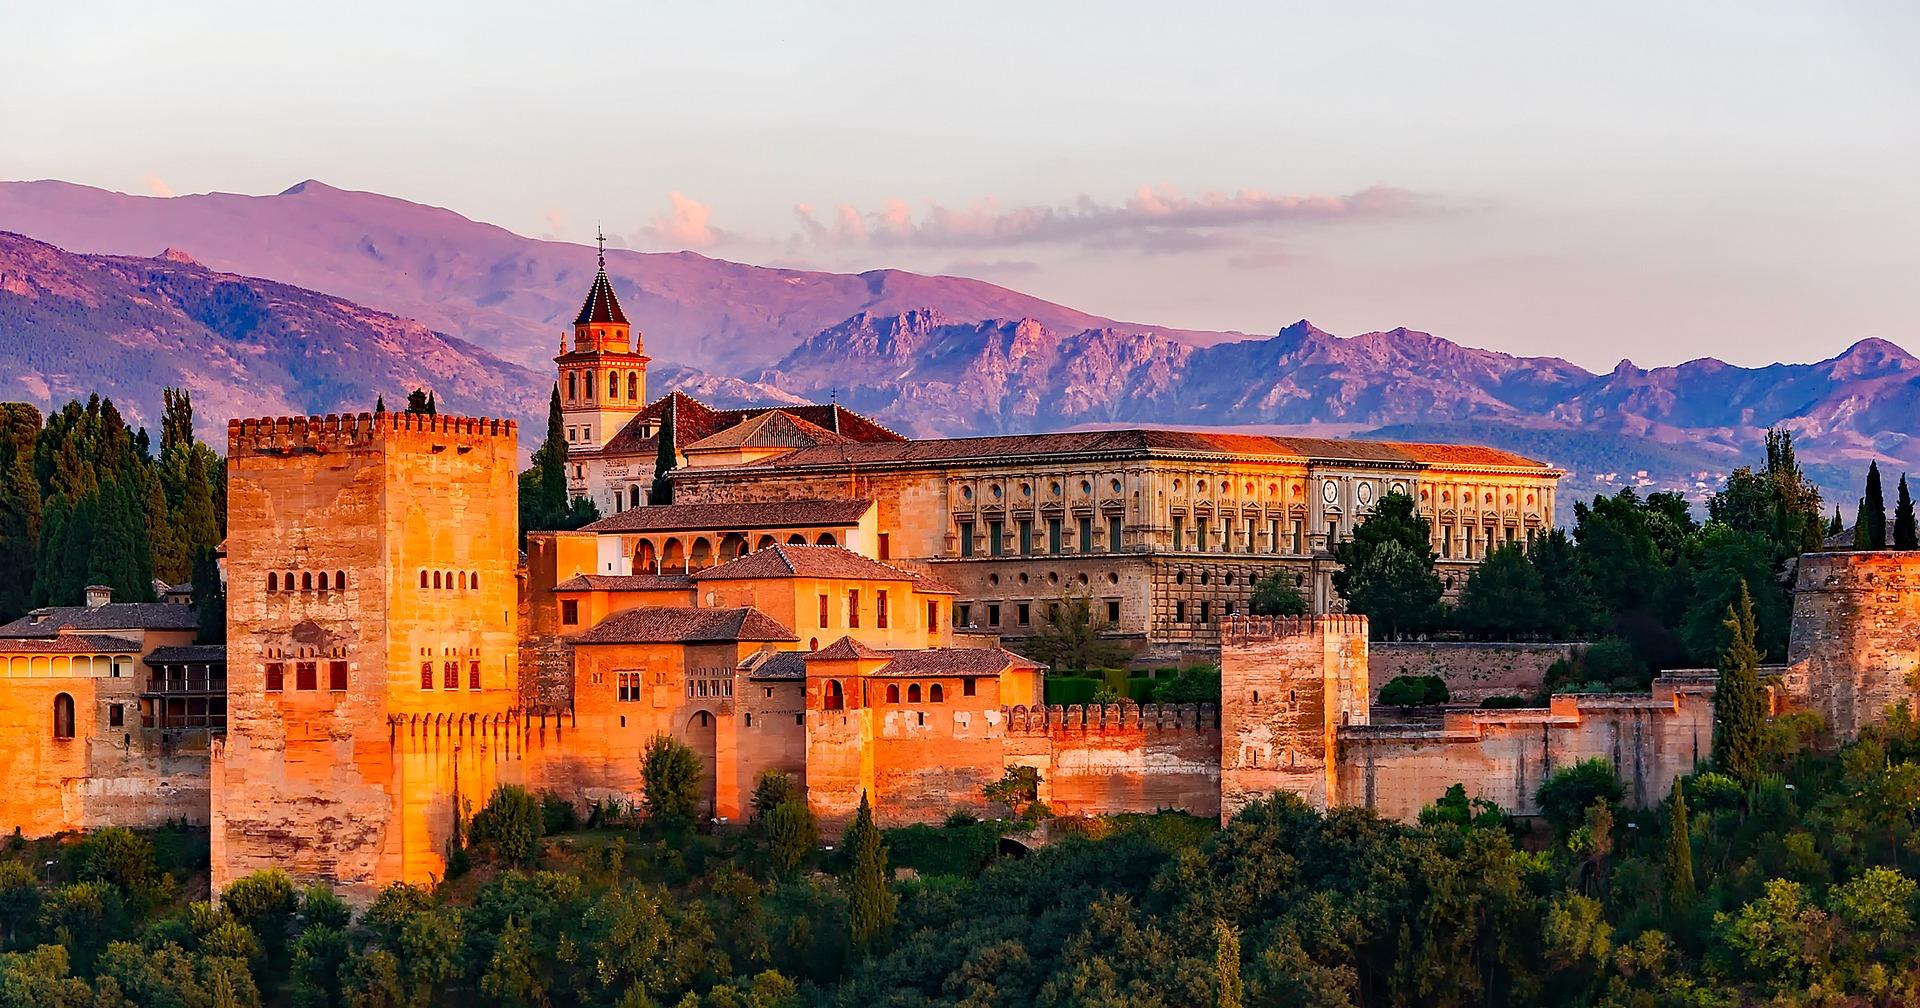 Palace of Charles V, Granada, southern Spain